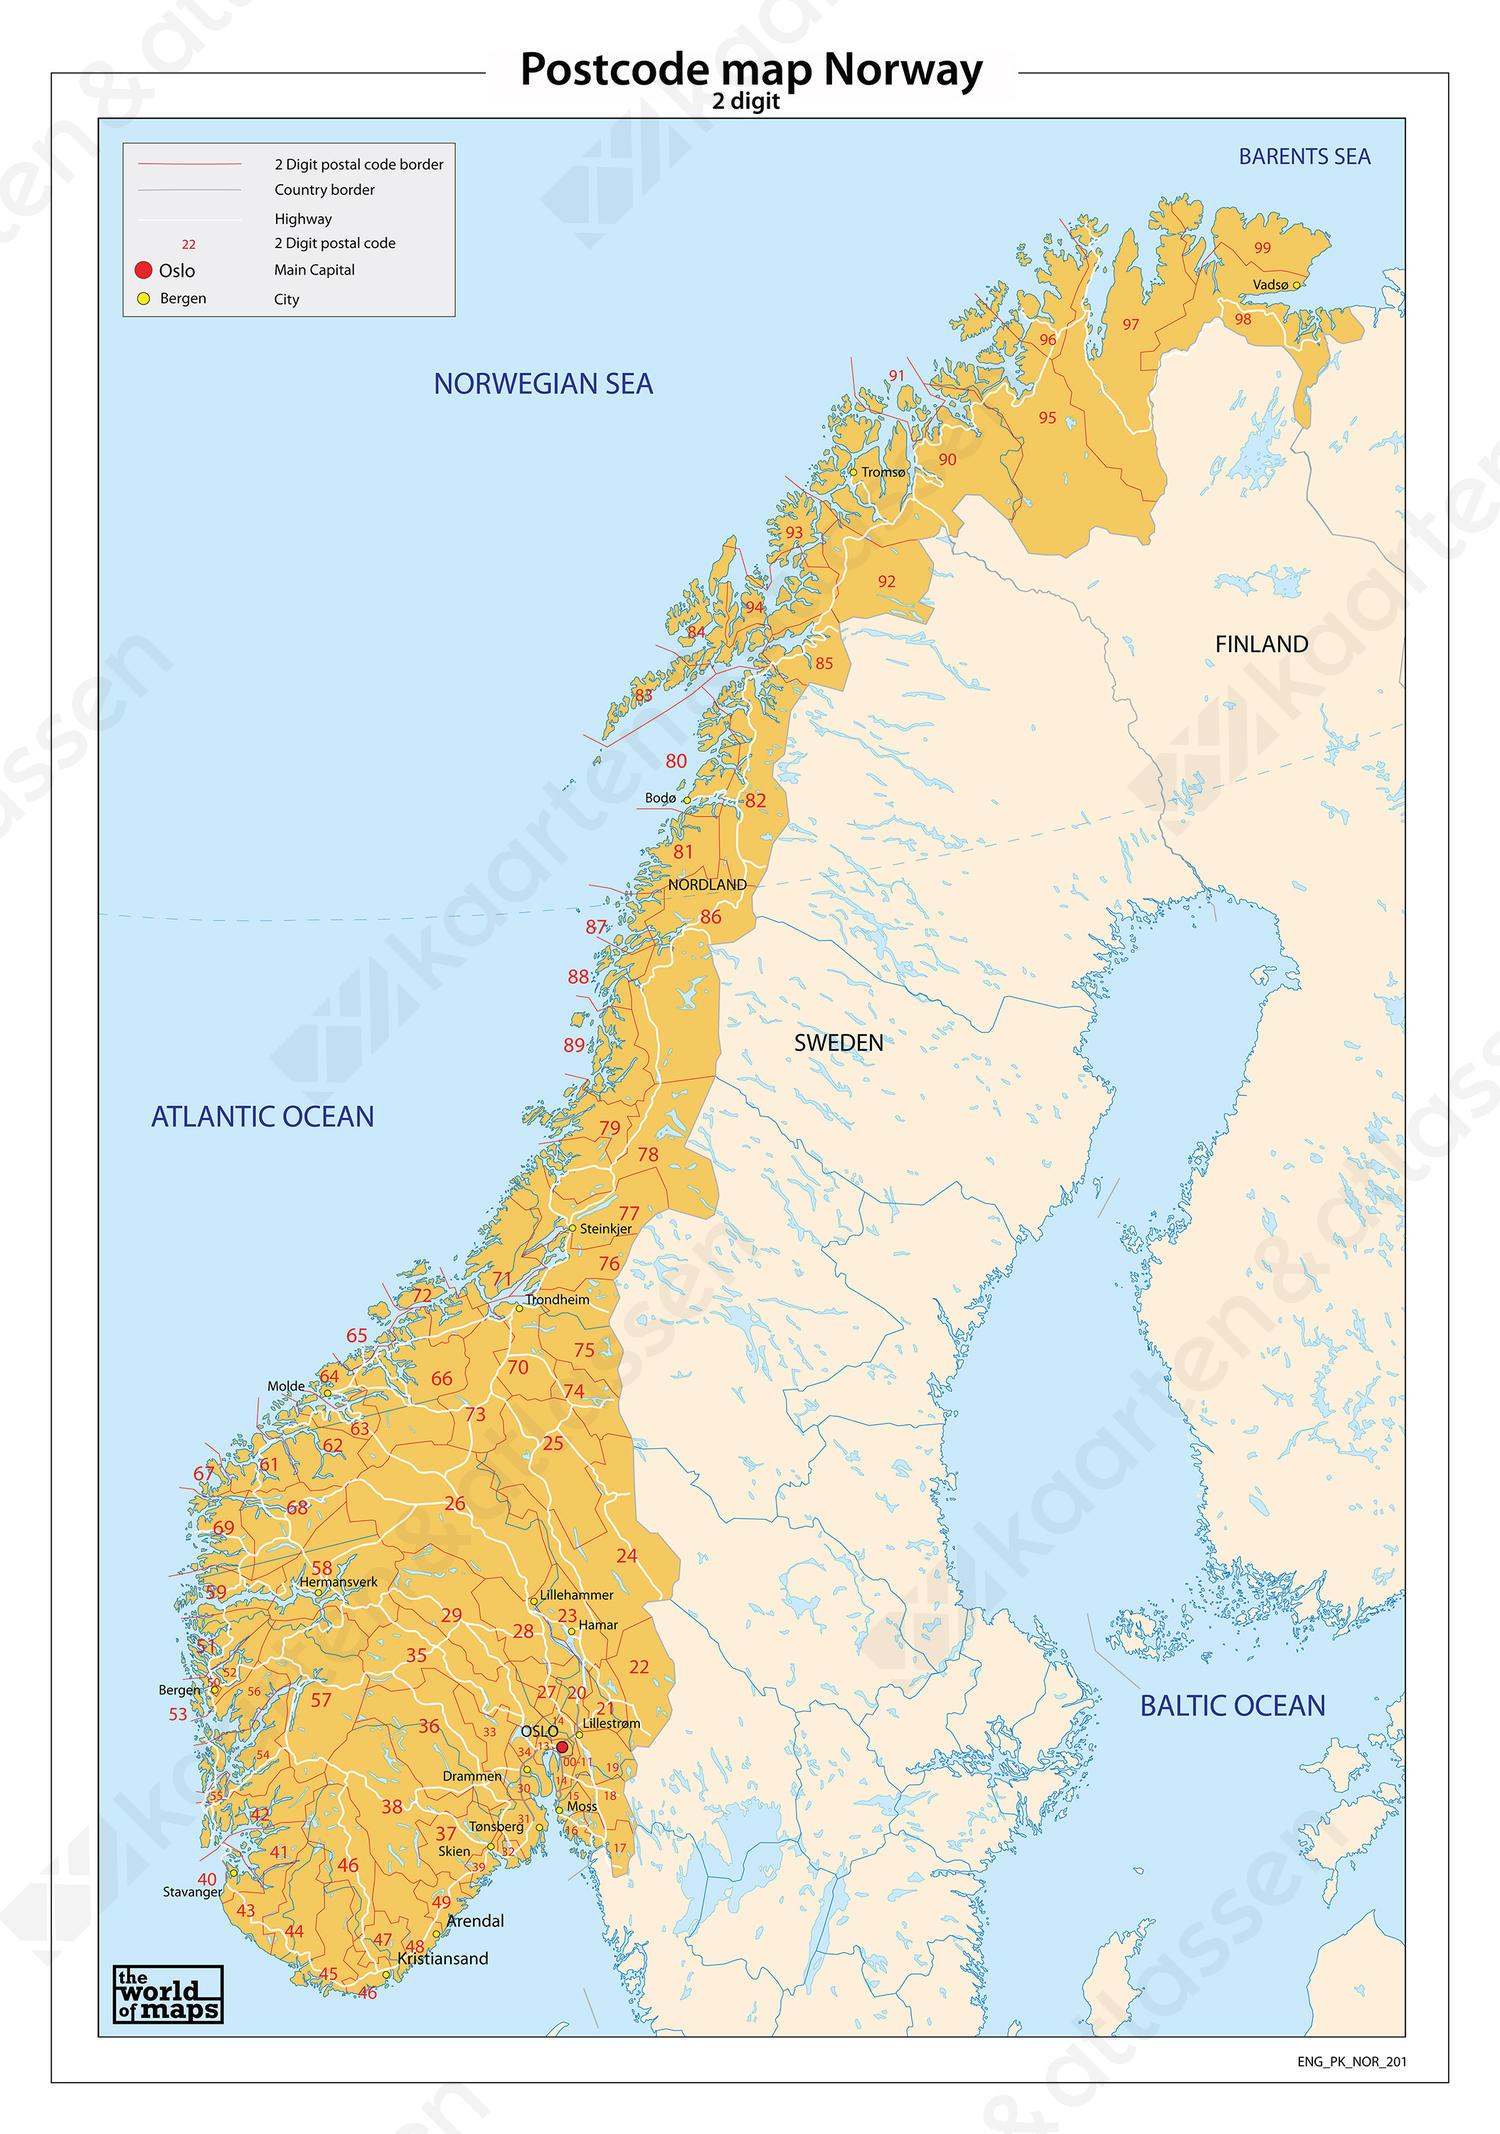 Digitale postcodekaart noorwegen 2 cijferig 201 kaarten for Ales code postal